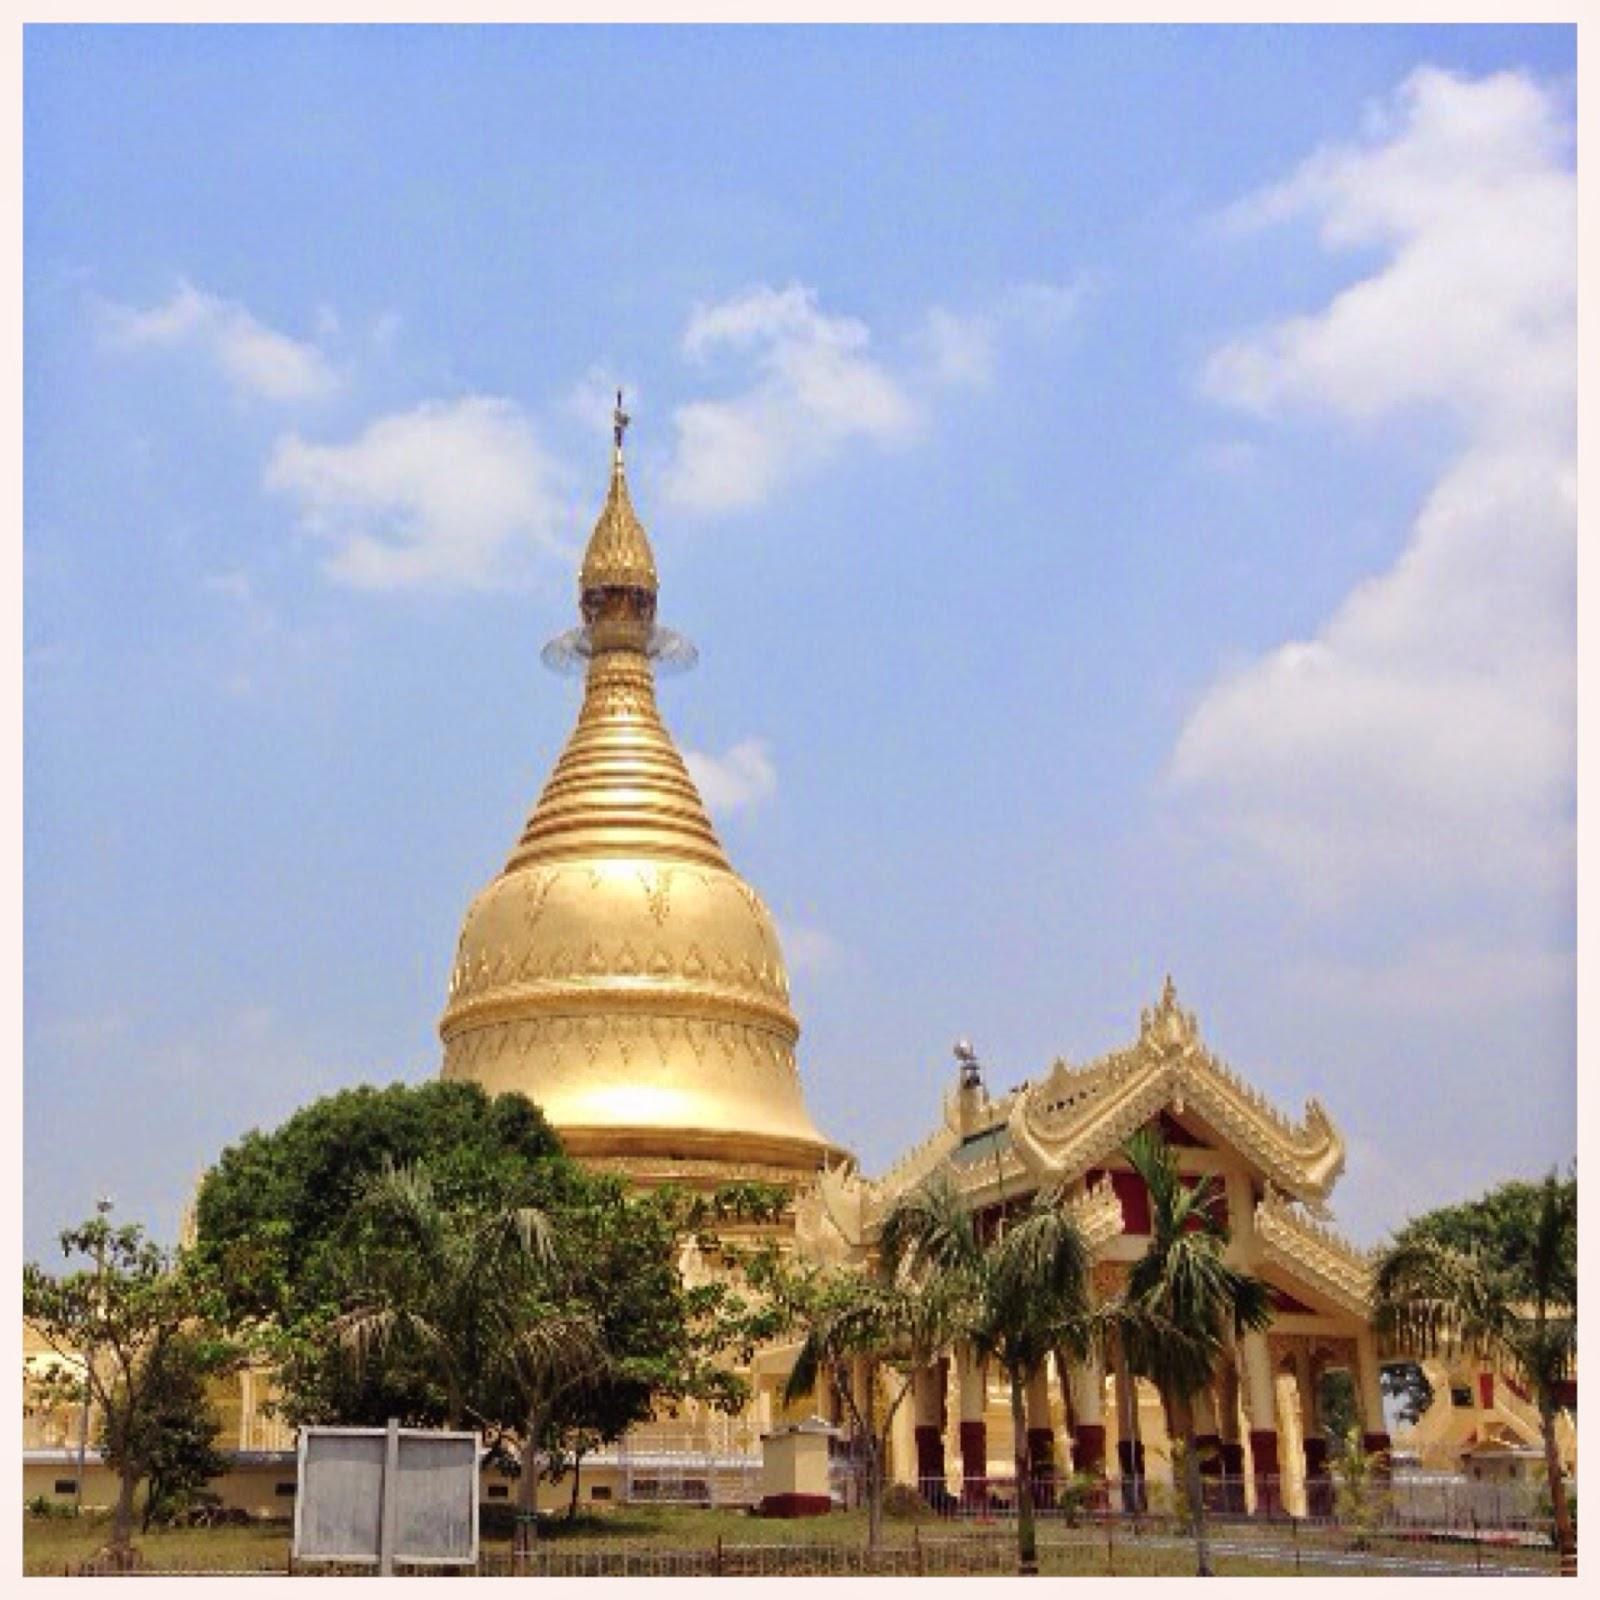 Ngar Htat Gyi Pagoda, Check Out Ngar Htat Gyi Pagoda ...